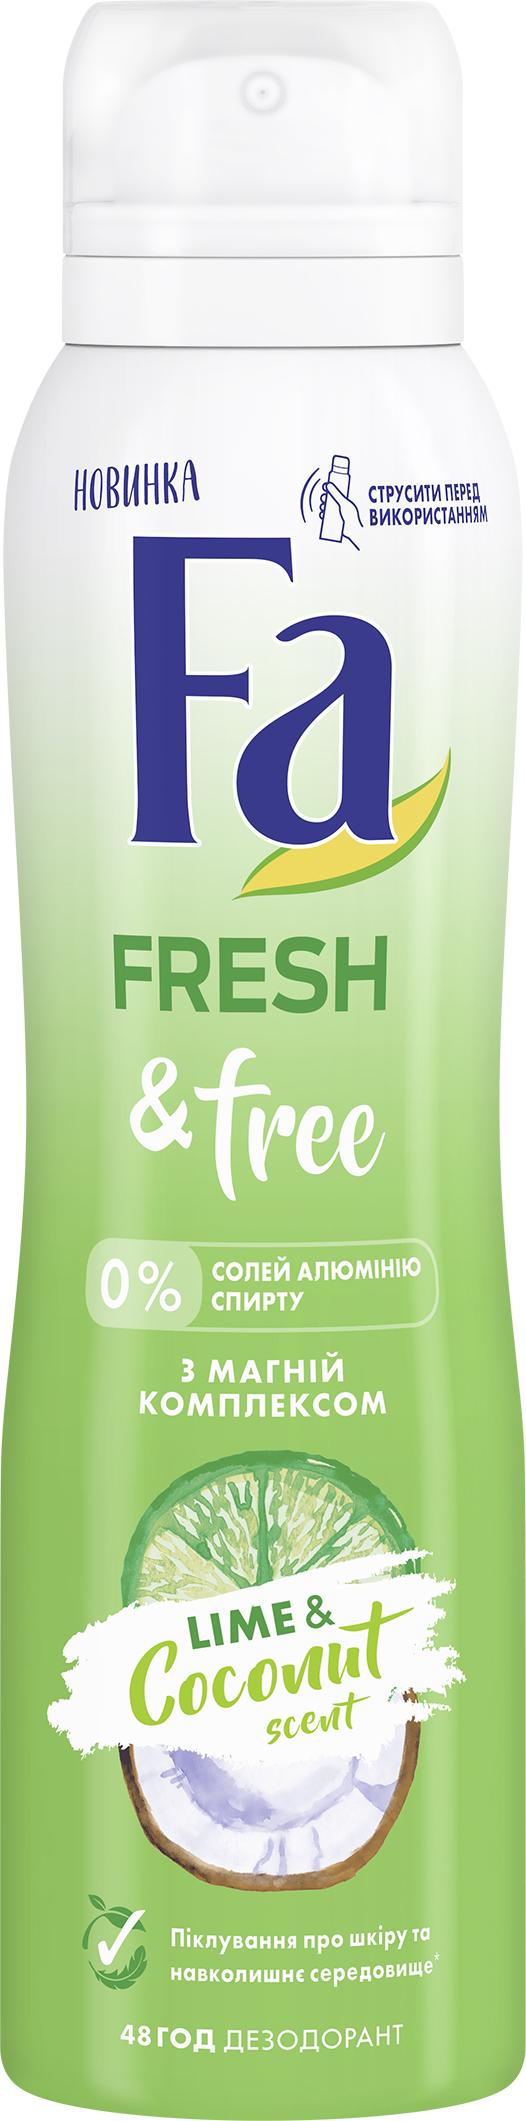 Fa fresh&free Лайм и Кокос спрей Дезодорант 150 мл